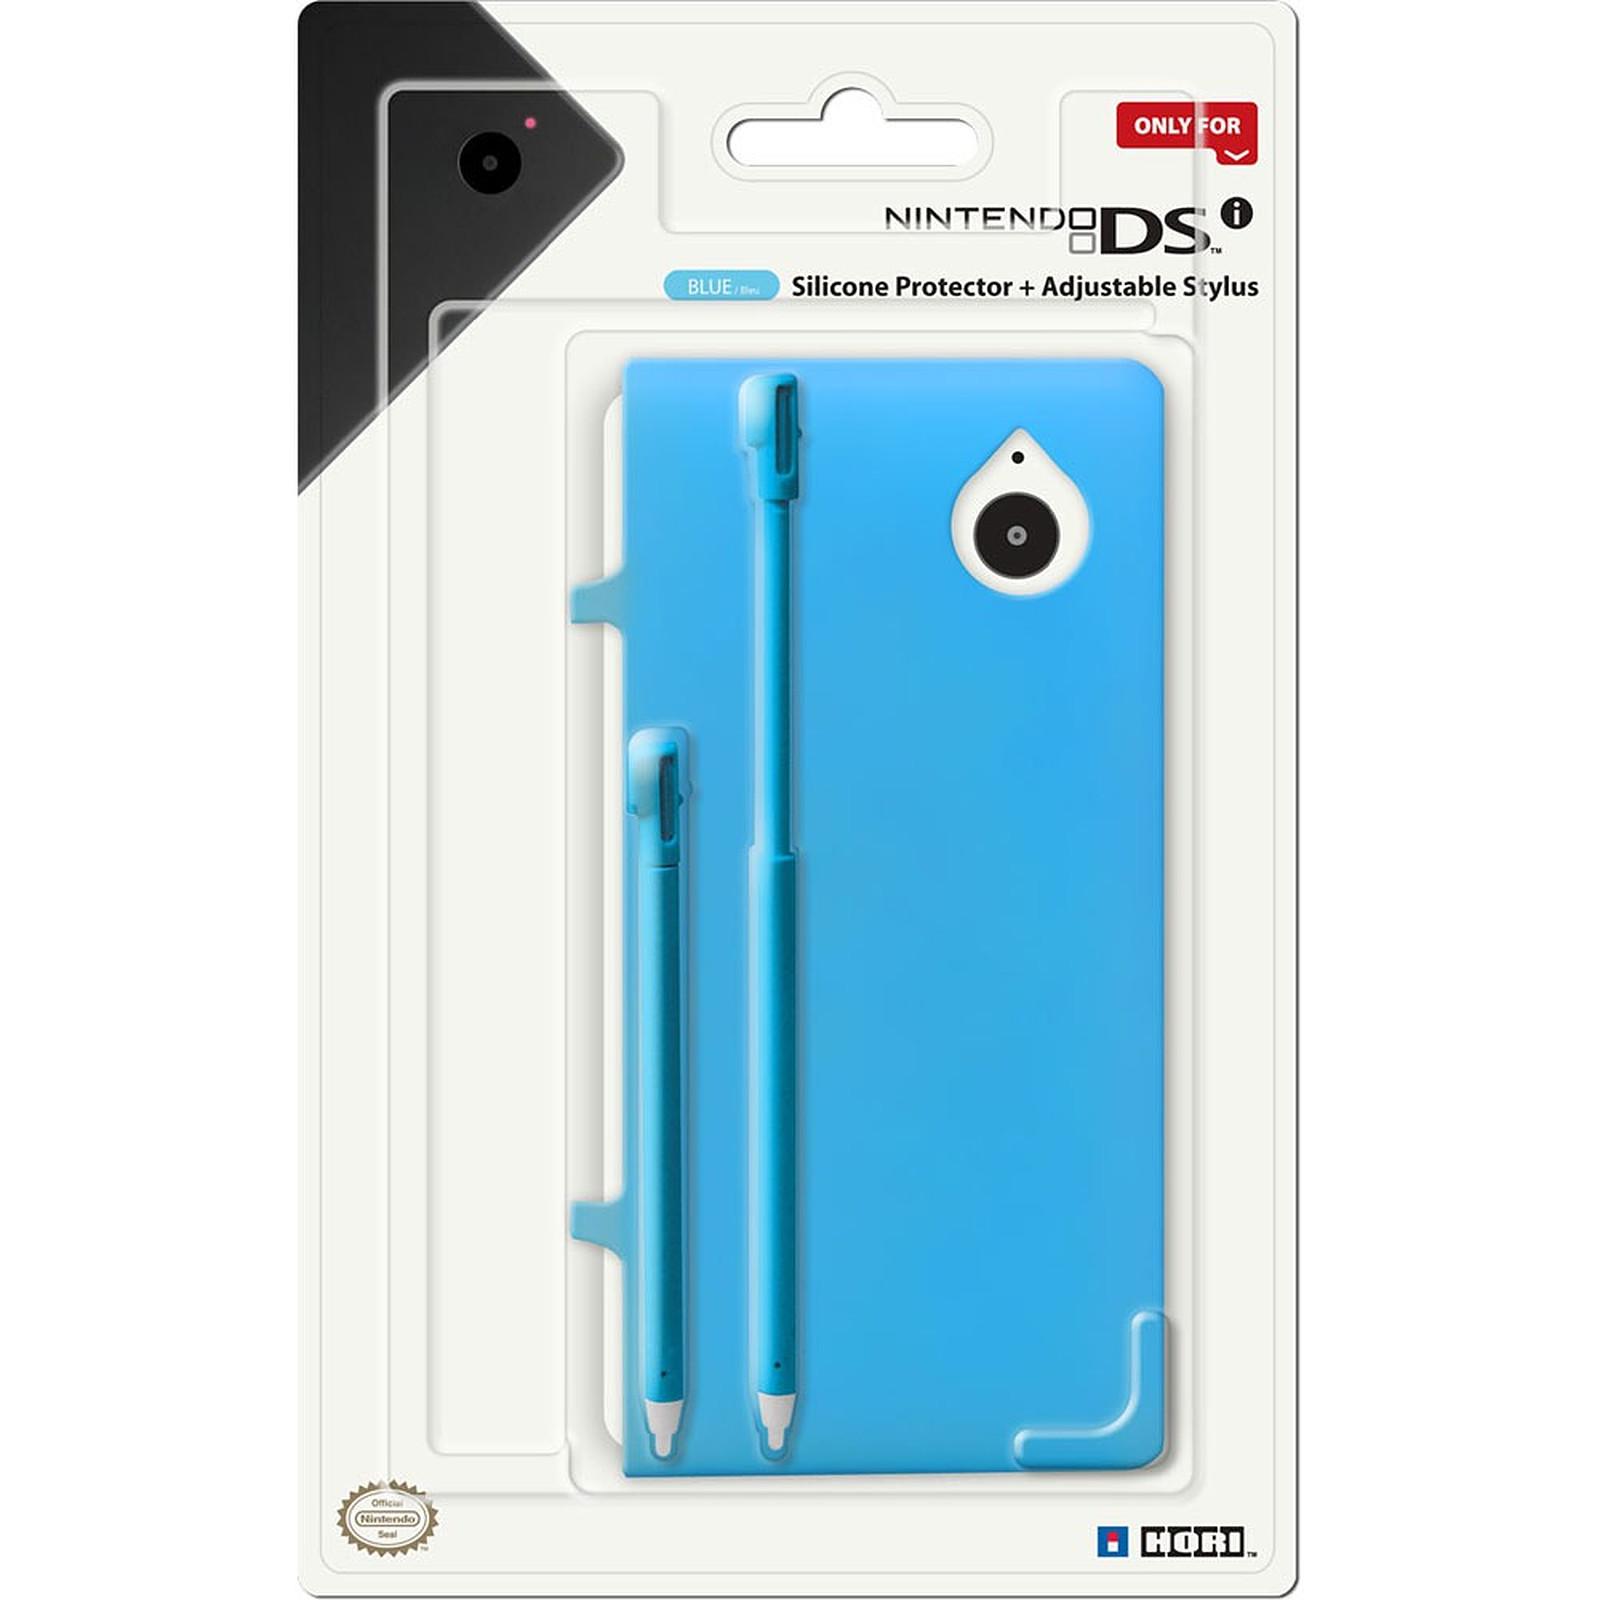 Hori coque silicone + 2 stylets bleu (Nintendo DSi)